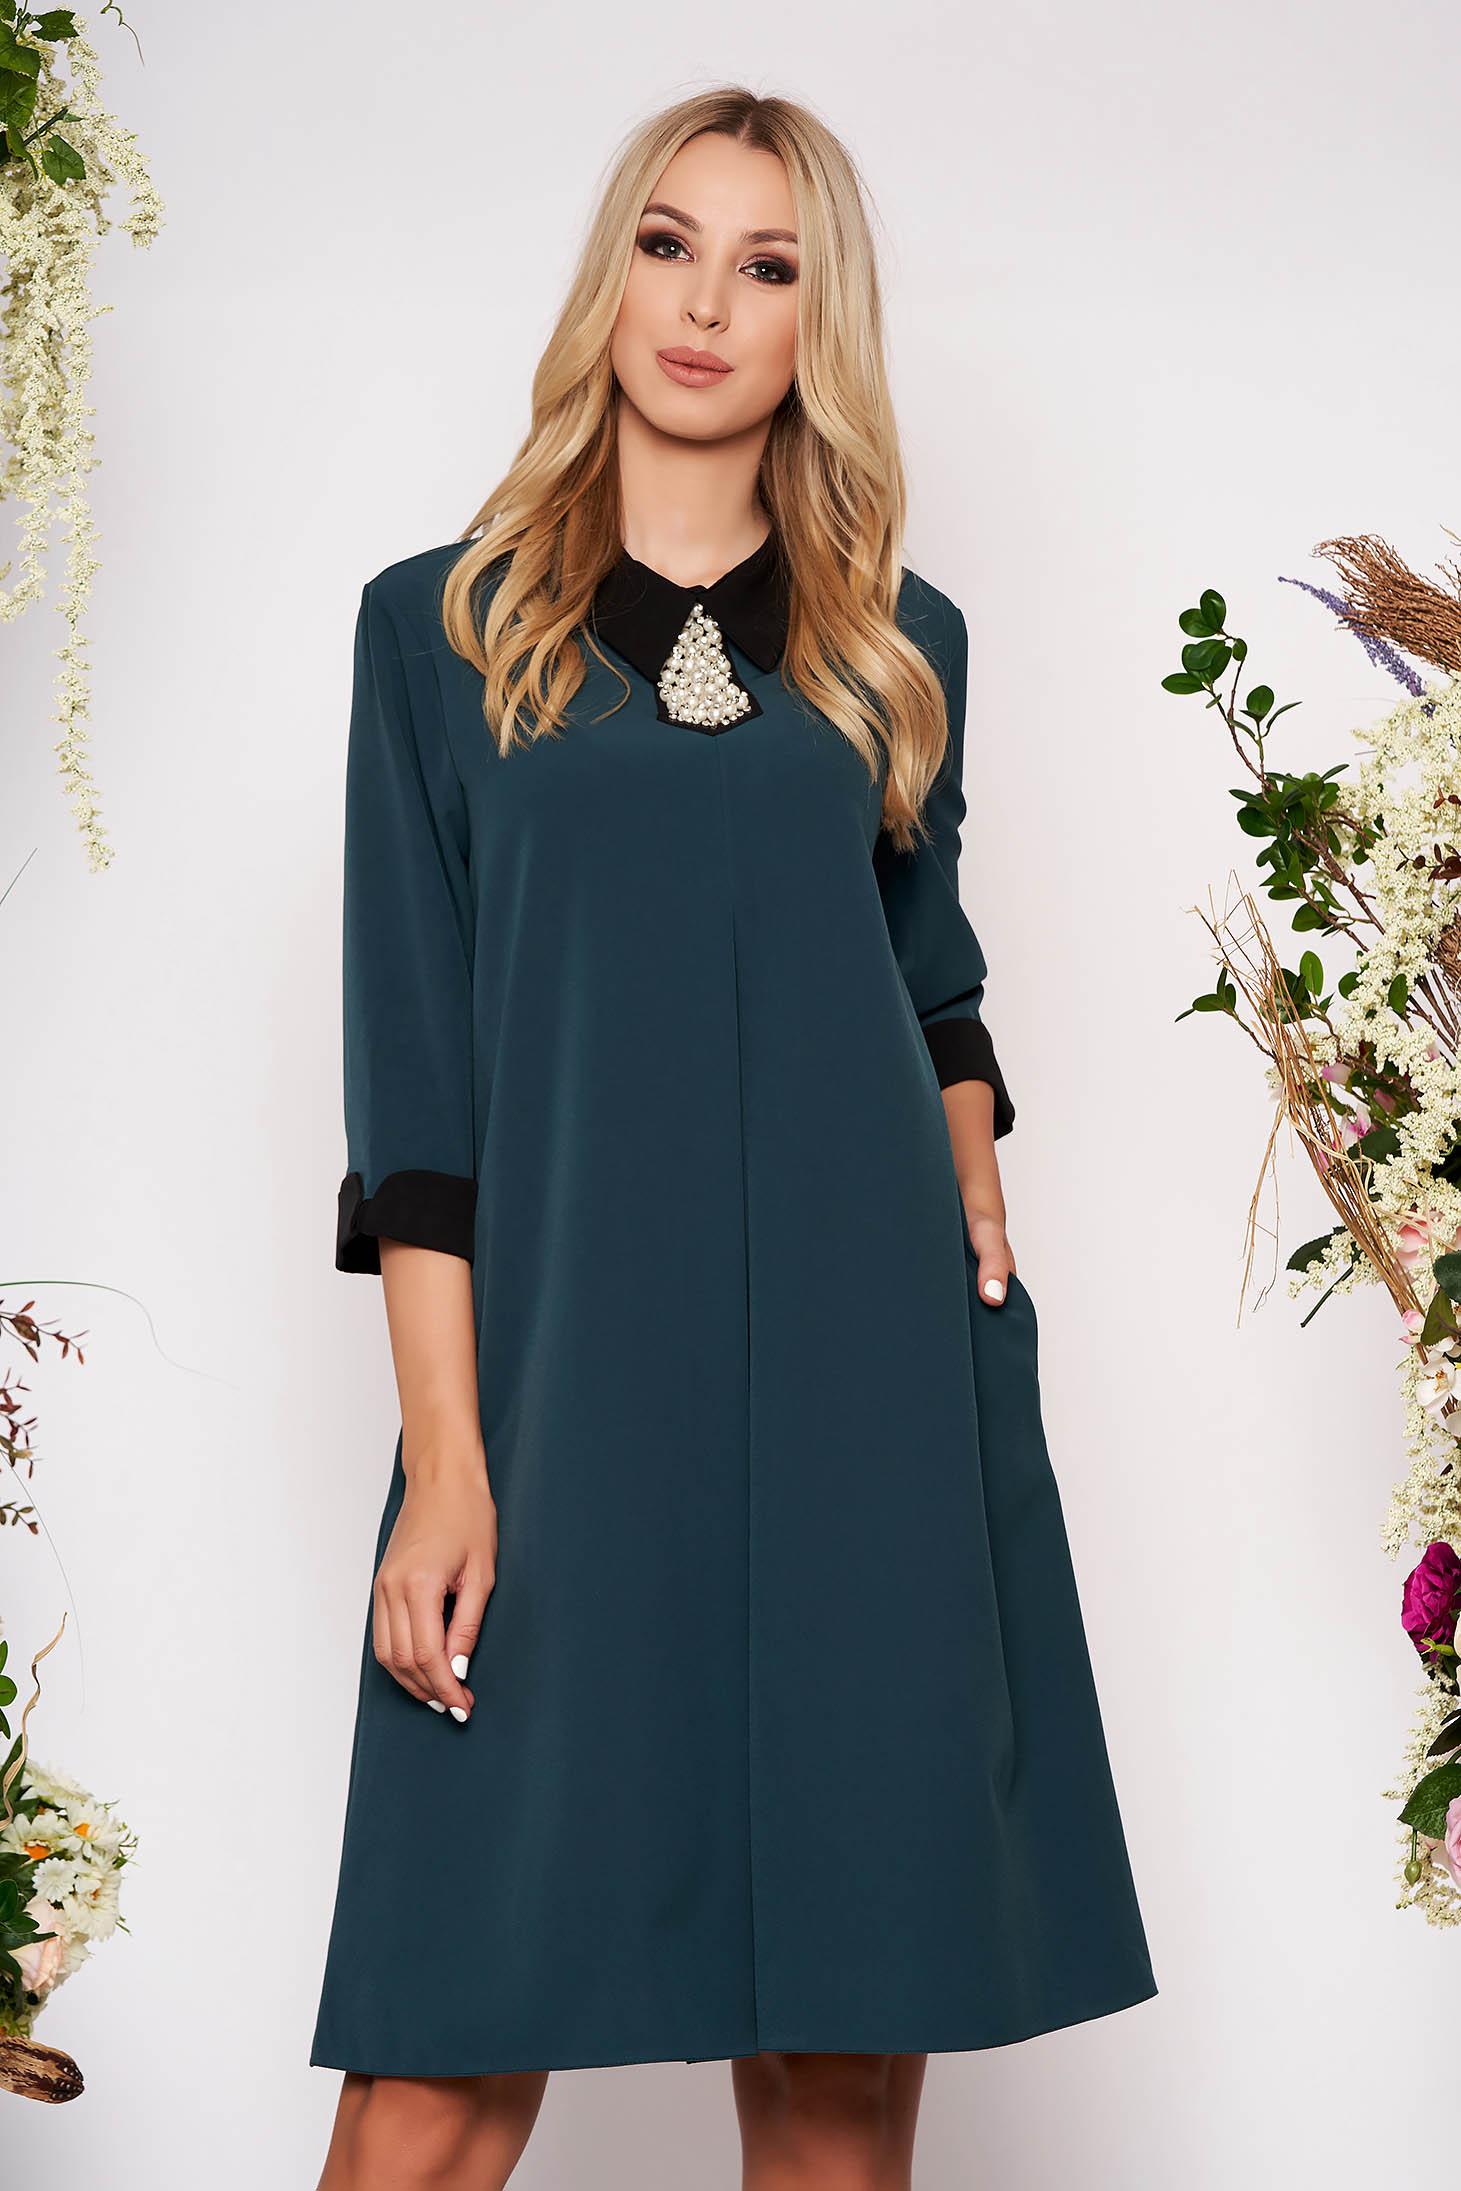 Rochie verde petrol midi eleganta cu croi larg din stofa subtire cu buzunare cu guler si maneci trei-sferturi